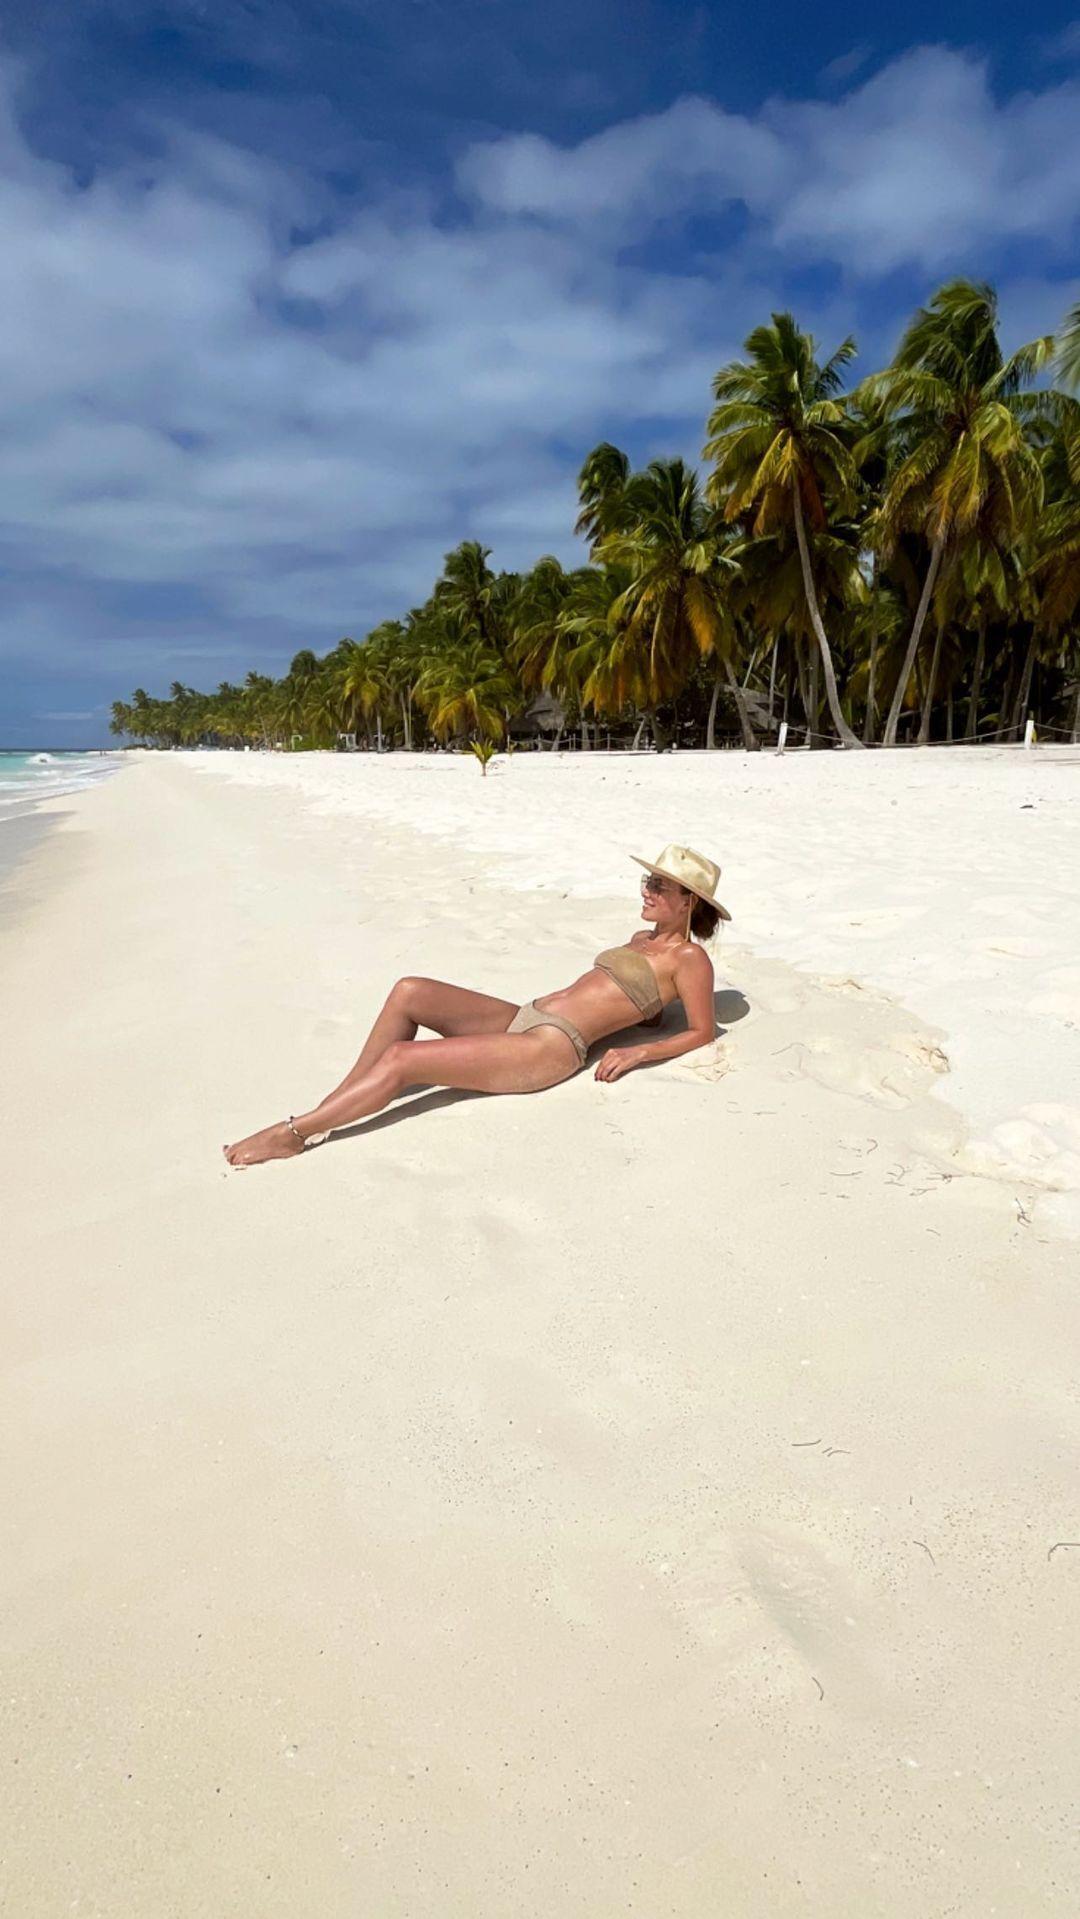 Ксения Мишина продемонстрировала точеную фигуру в бикини.